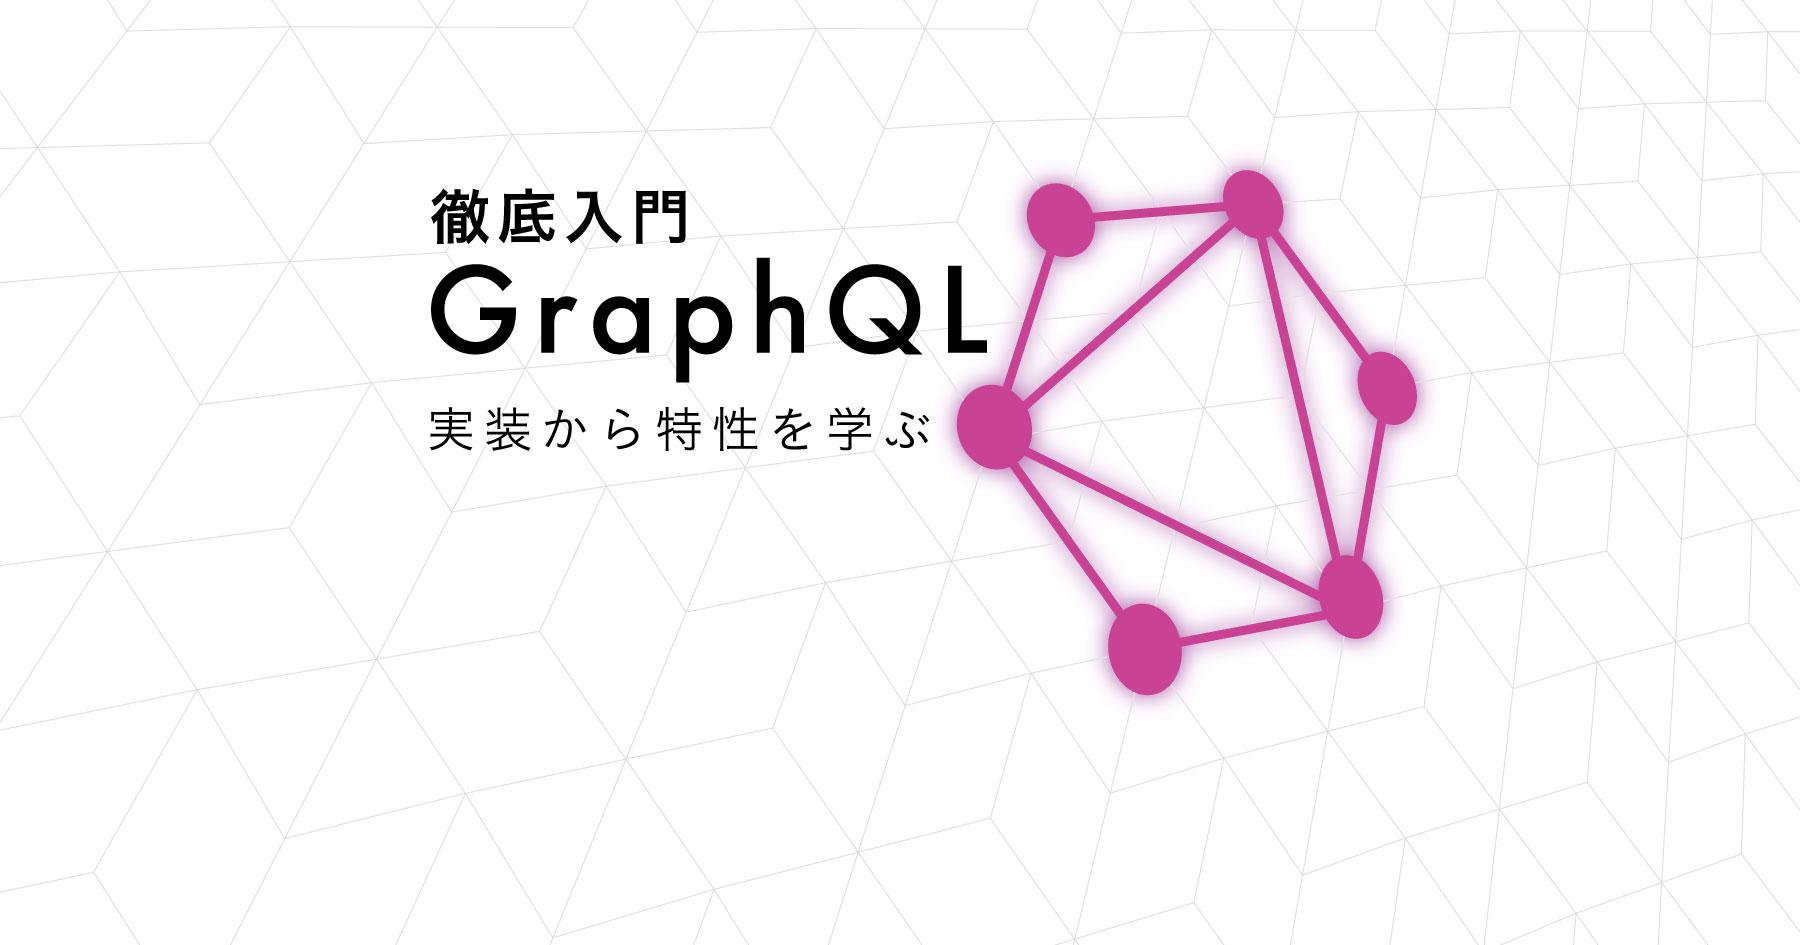 「GraphQL」徹底入門 ─ RESTとの比較、API・フロント双方の実装から学ぶ #エンジニアHub - エンジニアHub|若手Webエンジニアのキャリアを考える!